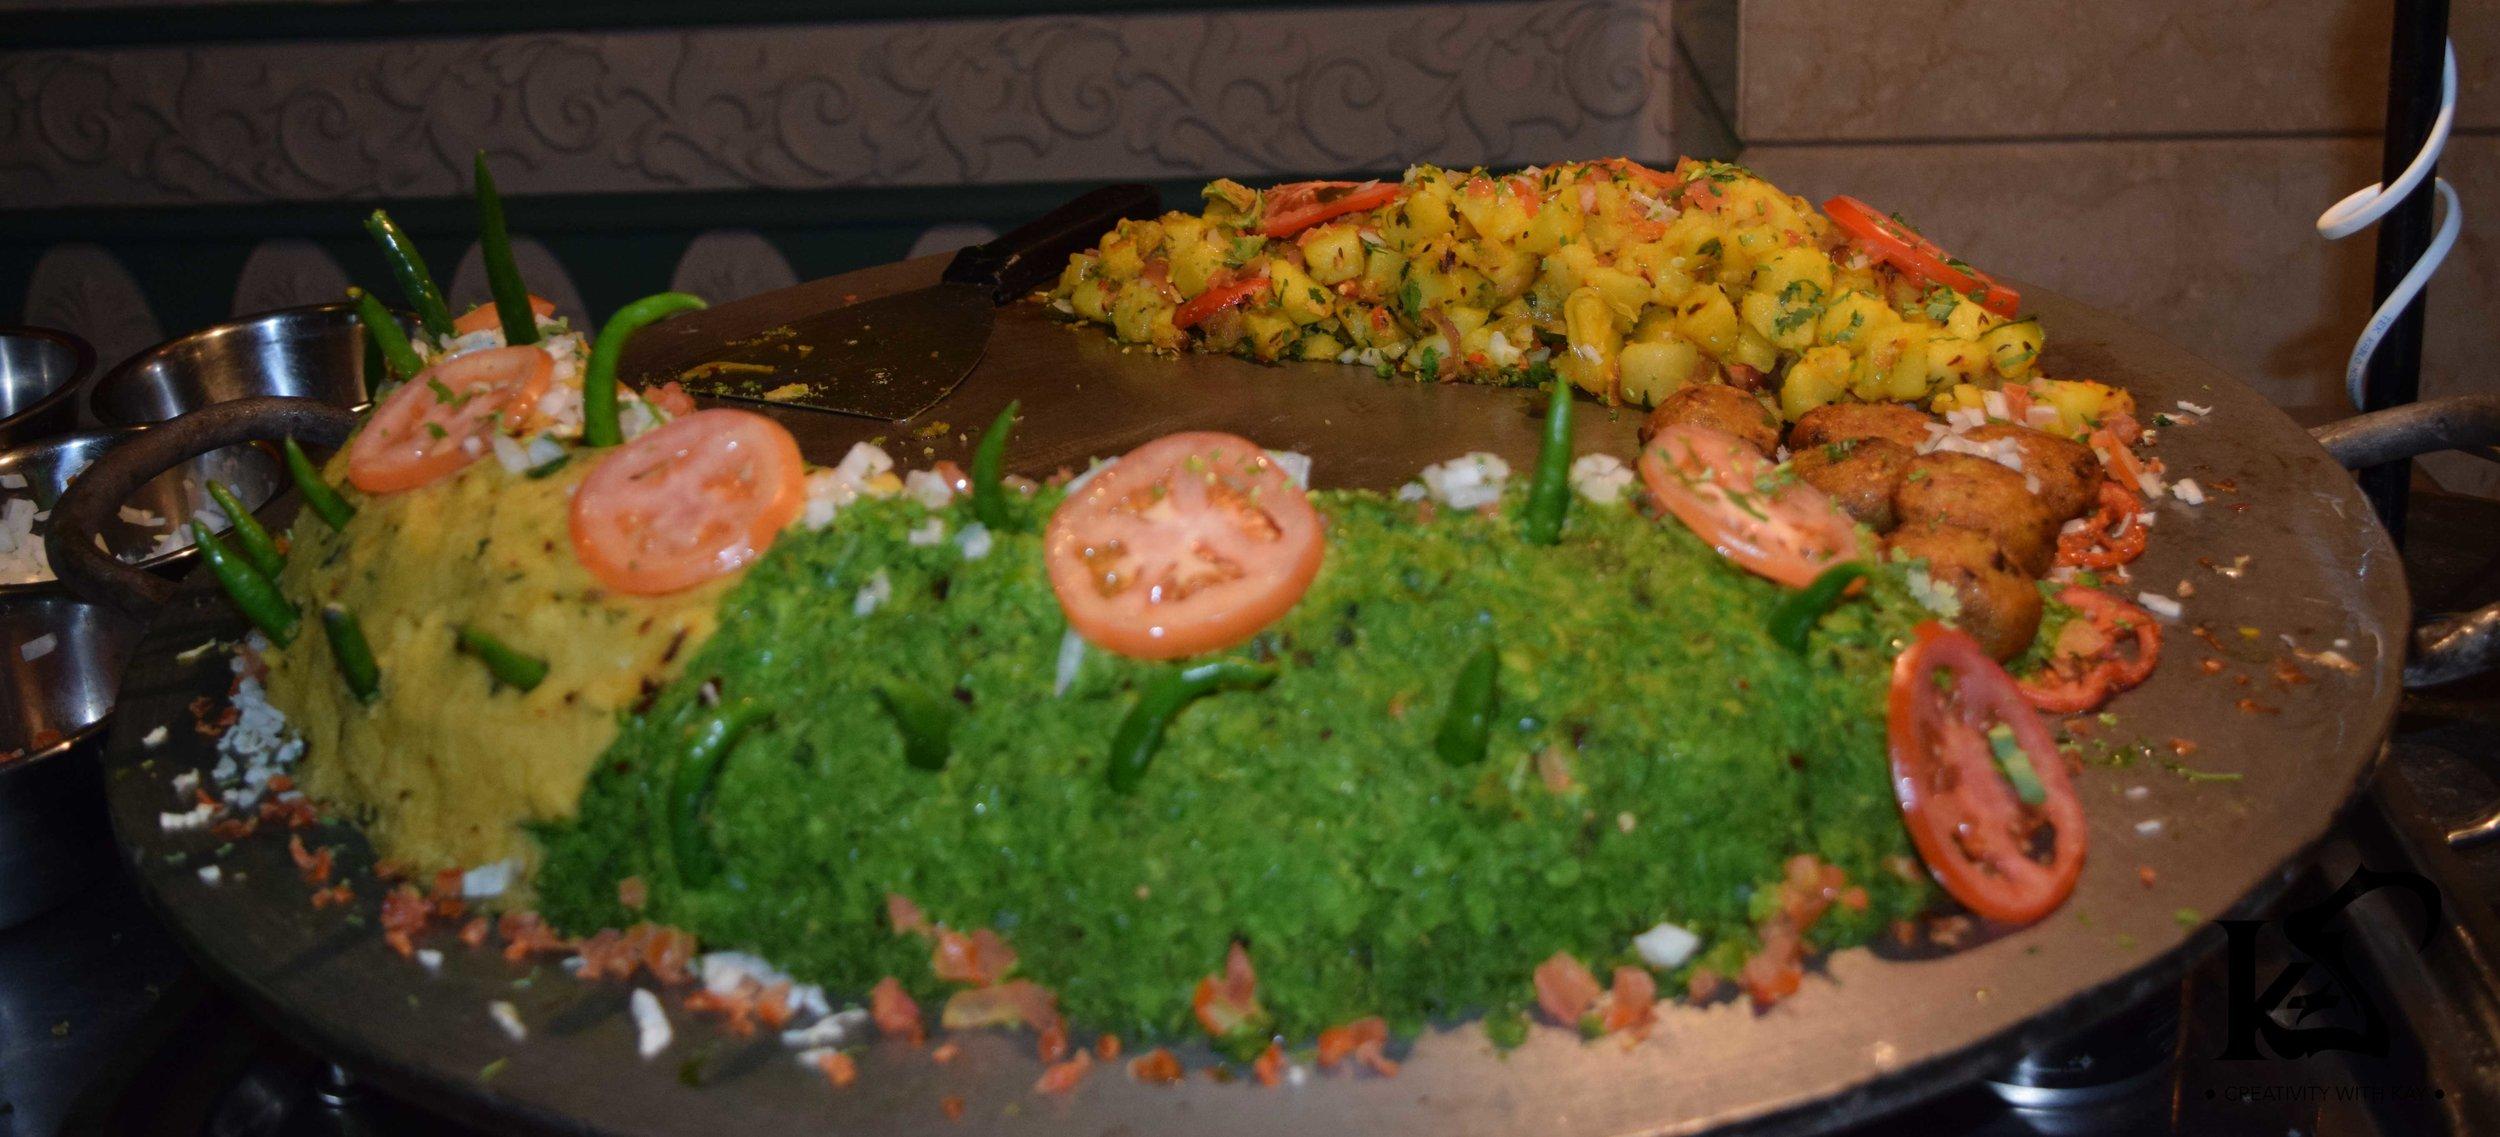 indian-food-salad